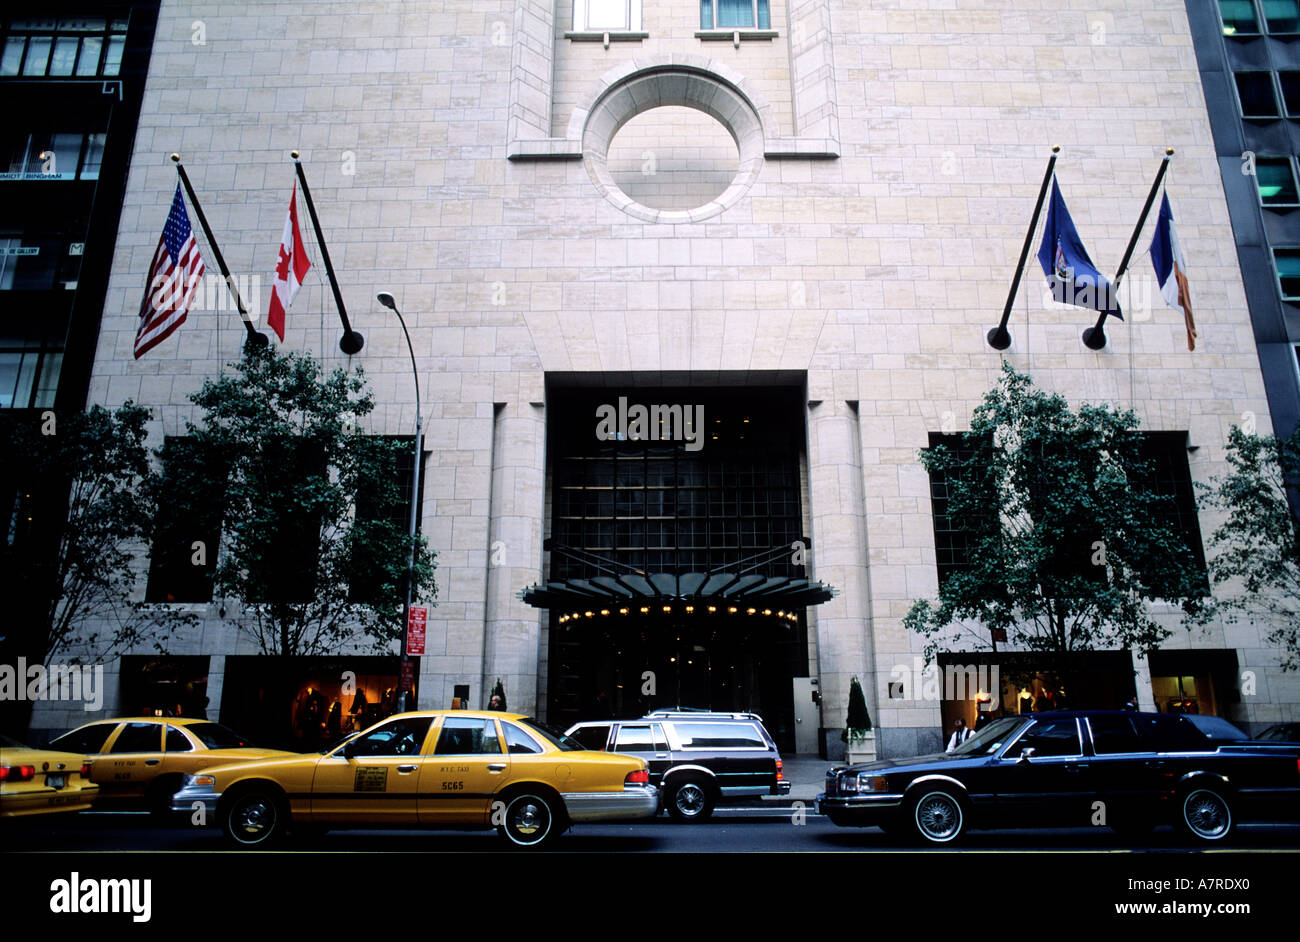 United States, New York, Manhattan, Midtown, 57 street, le Four Seasons (architect I Ming Pei) Stock Photo